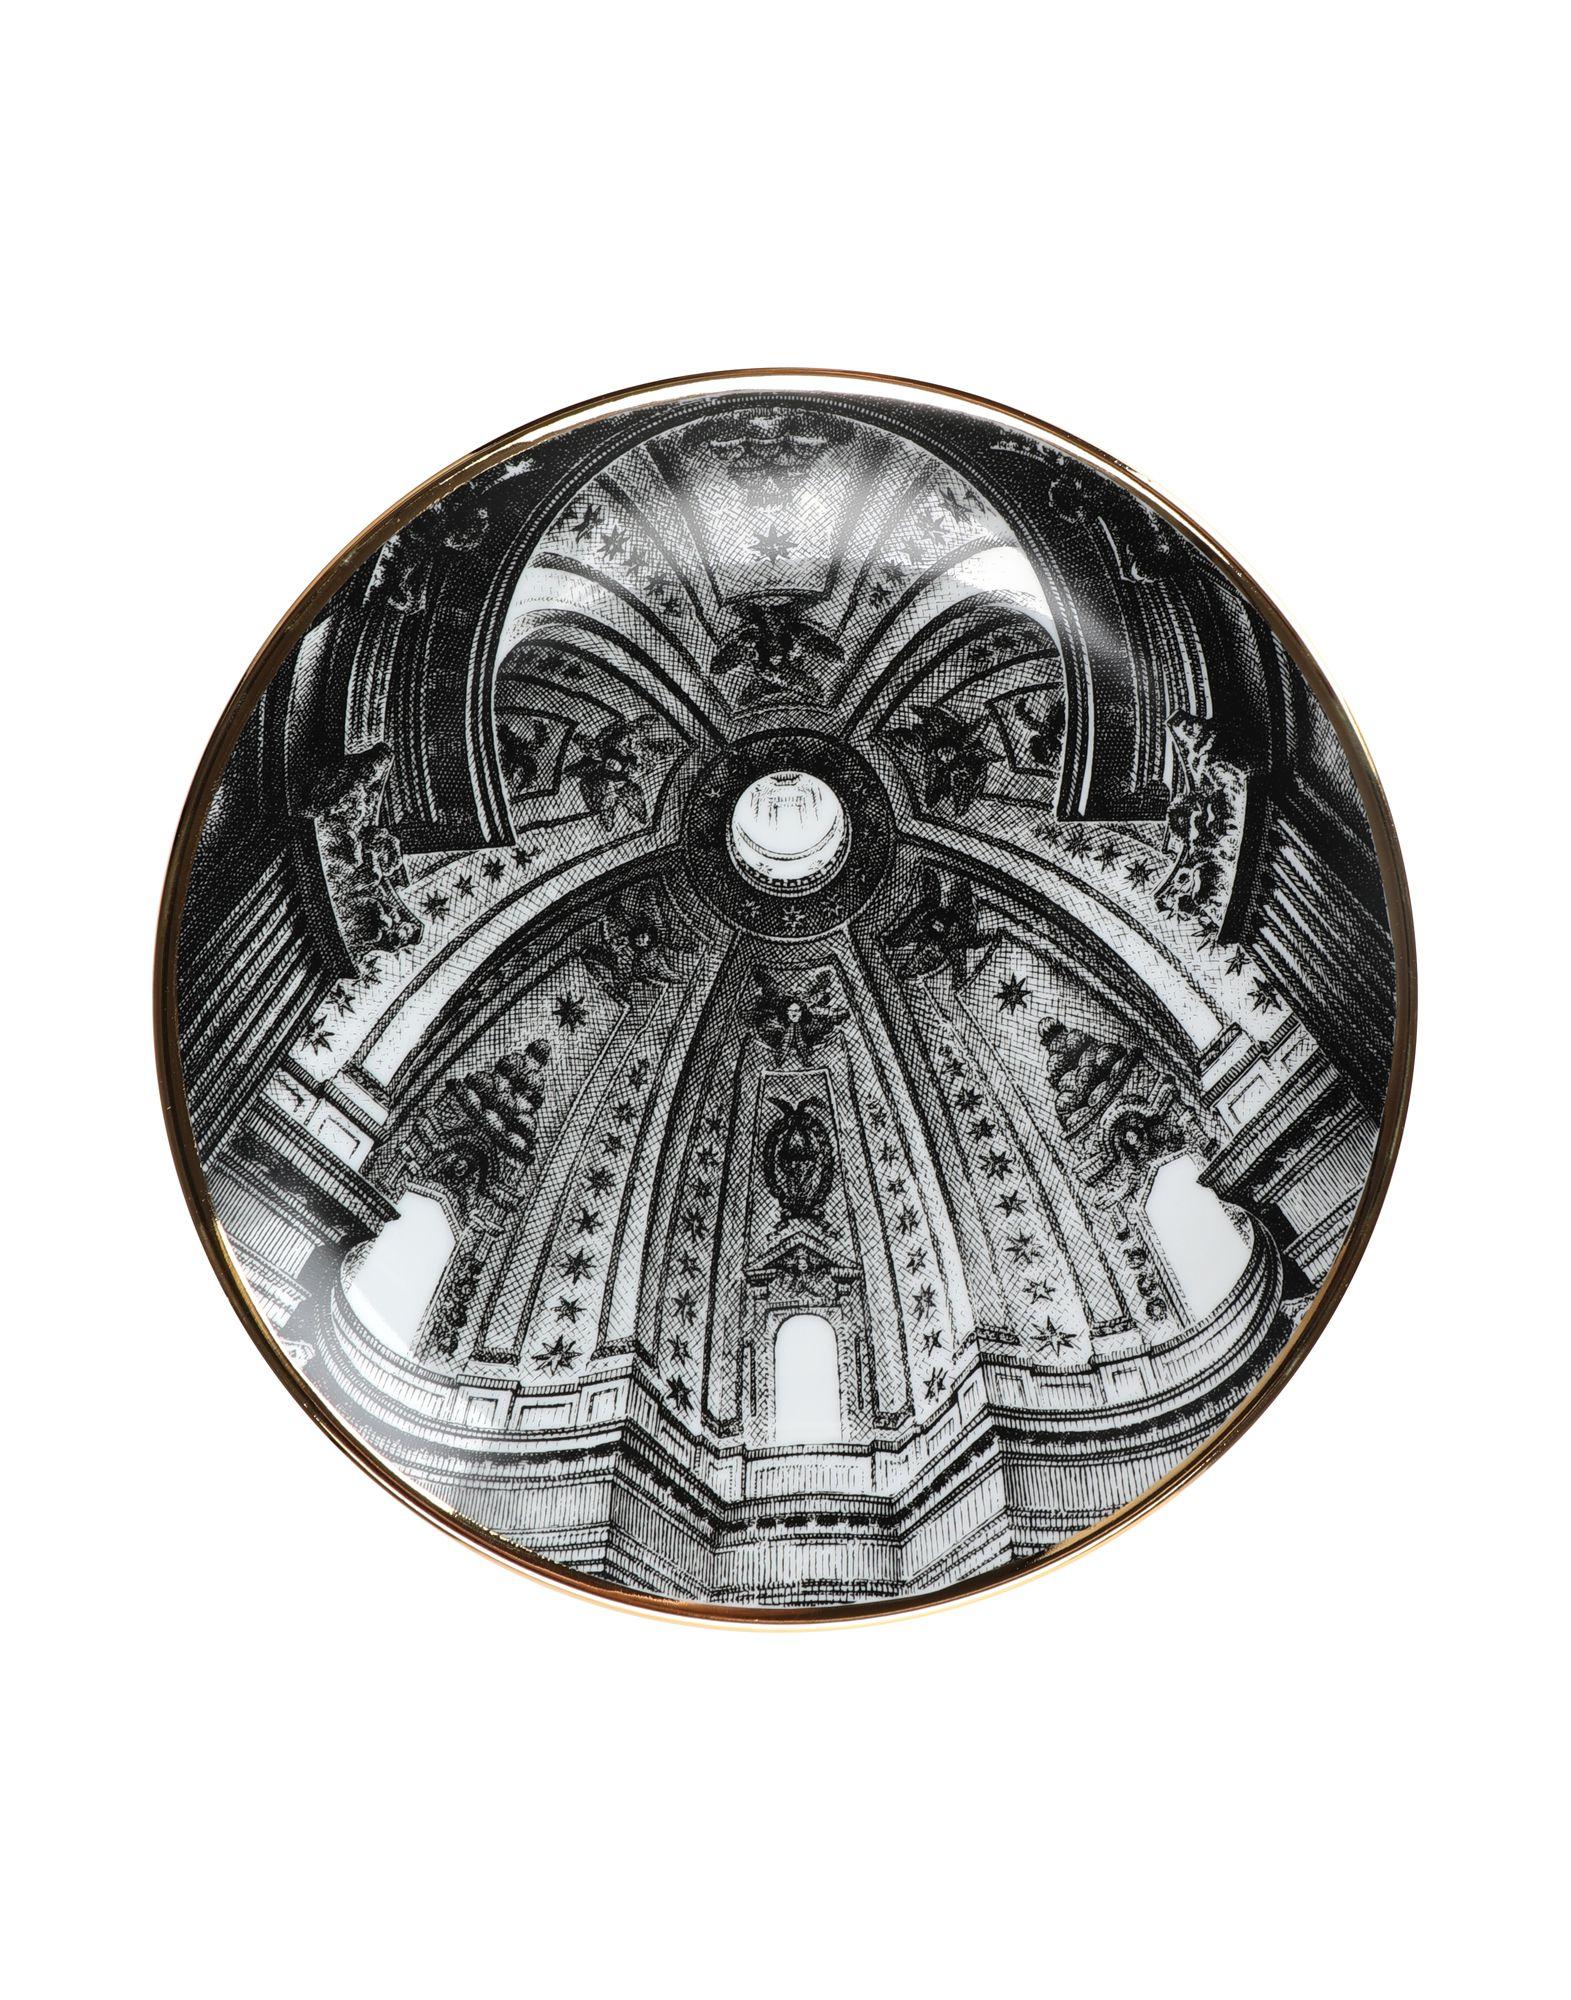 《期間限定セール開催中!》FORNASETTI Unisex オーナメンタルプレート ブラック セラミック Cupola S. Ivo Sapienza (Roma)